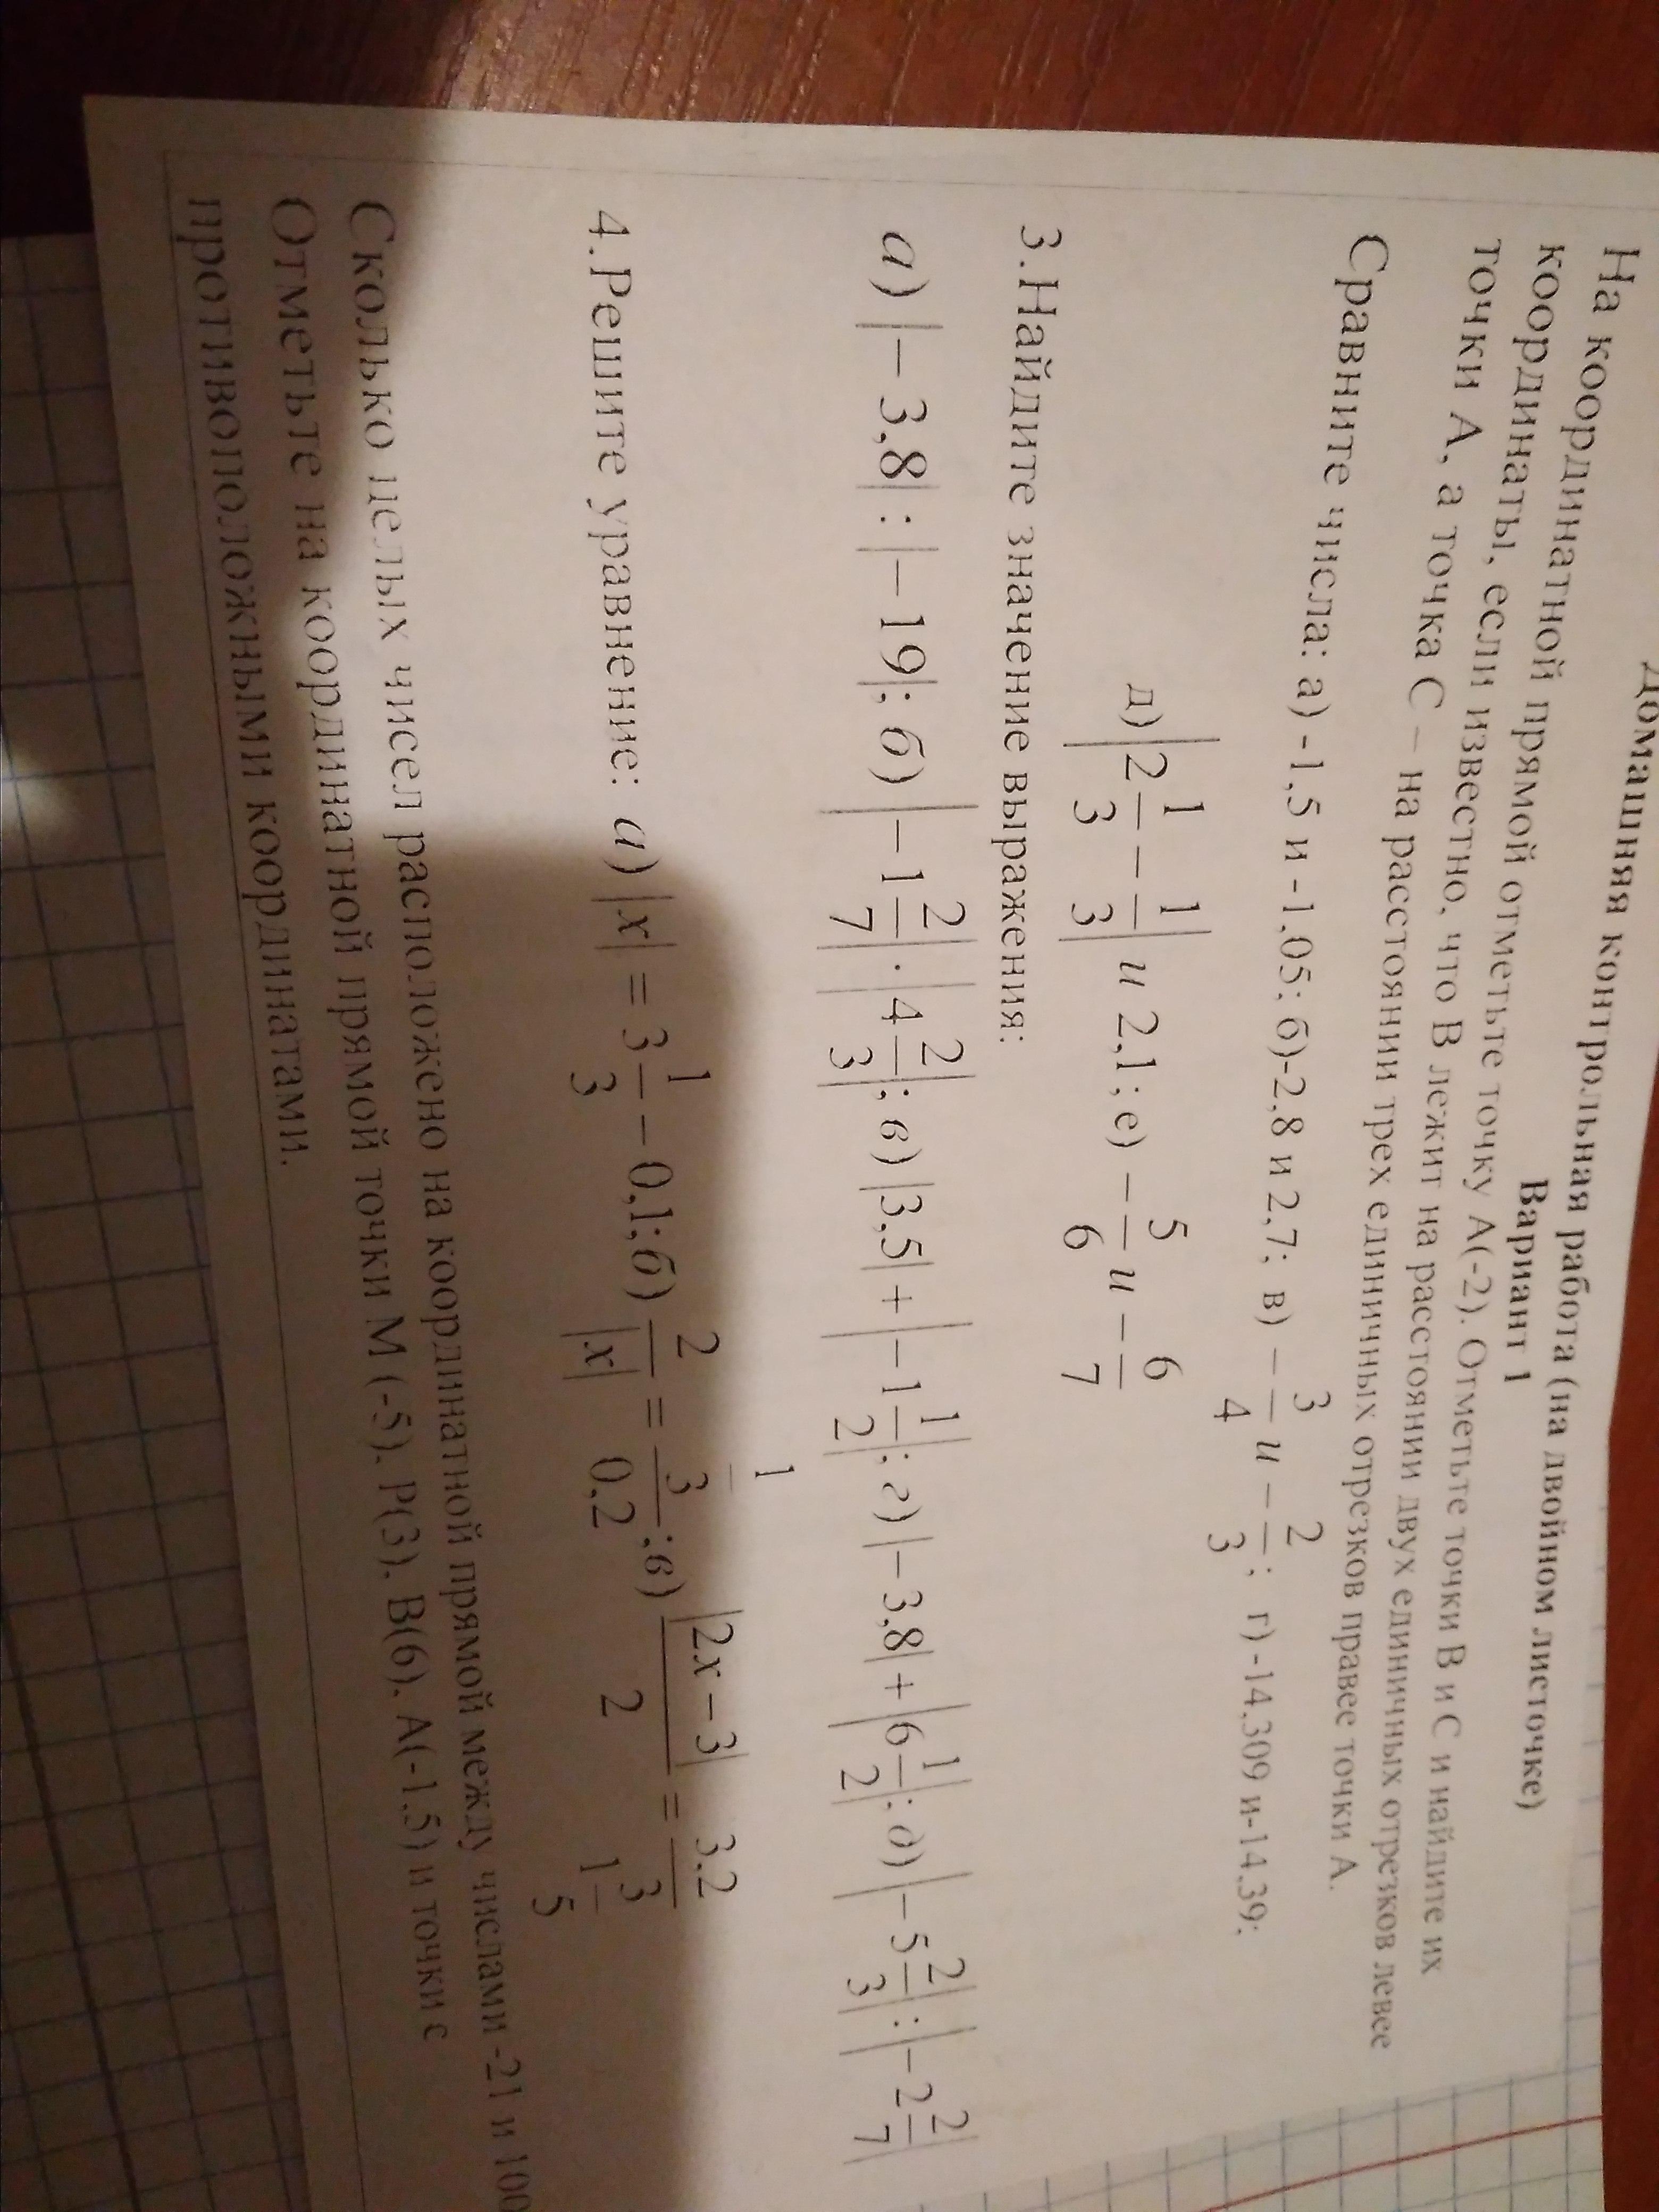 Решите уравнение: а) |х|=3 1/3-0,1; б) 2/|х|=1/3/0,2; в) |2х-3|/2=3,2/1 3/5